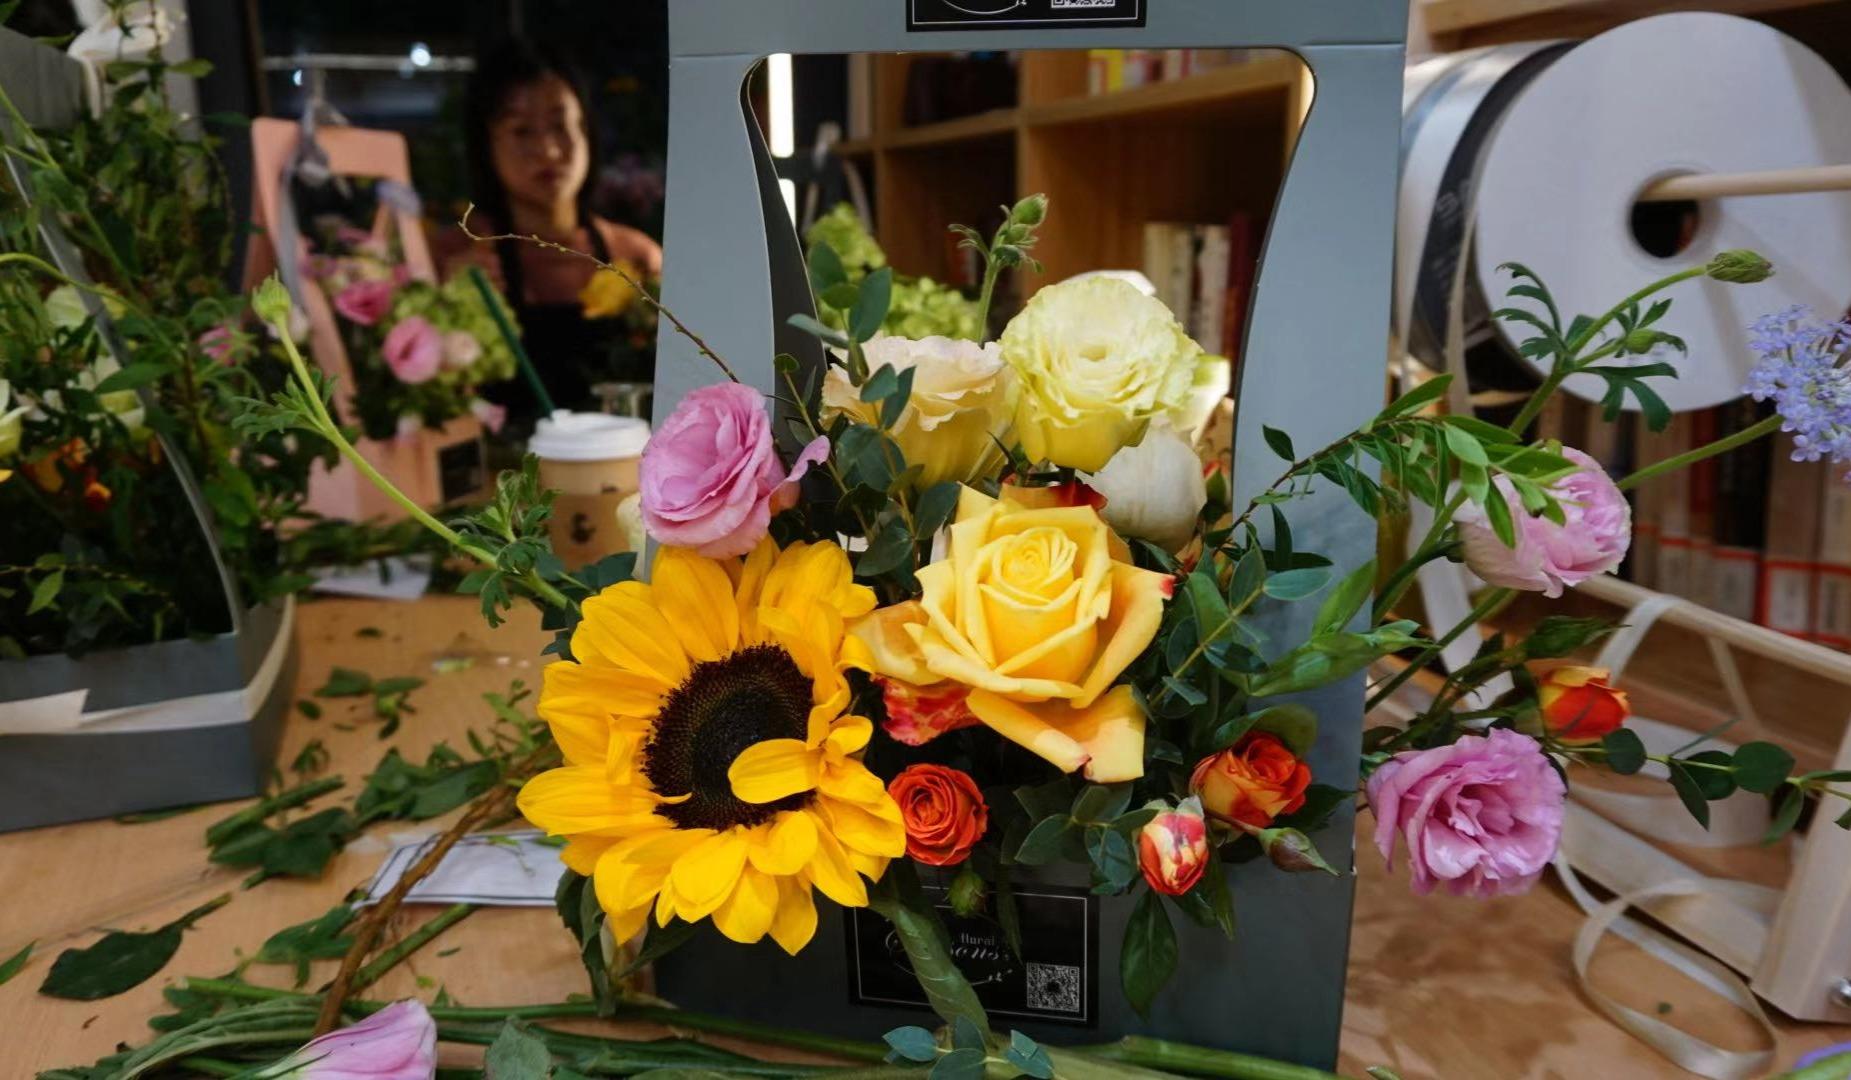 做自己的花艺师,DIY一份属于自己的花艺作品